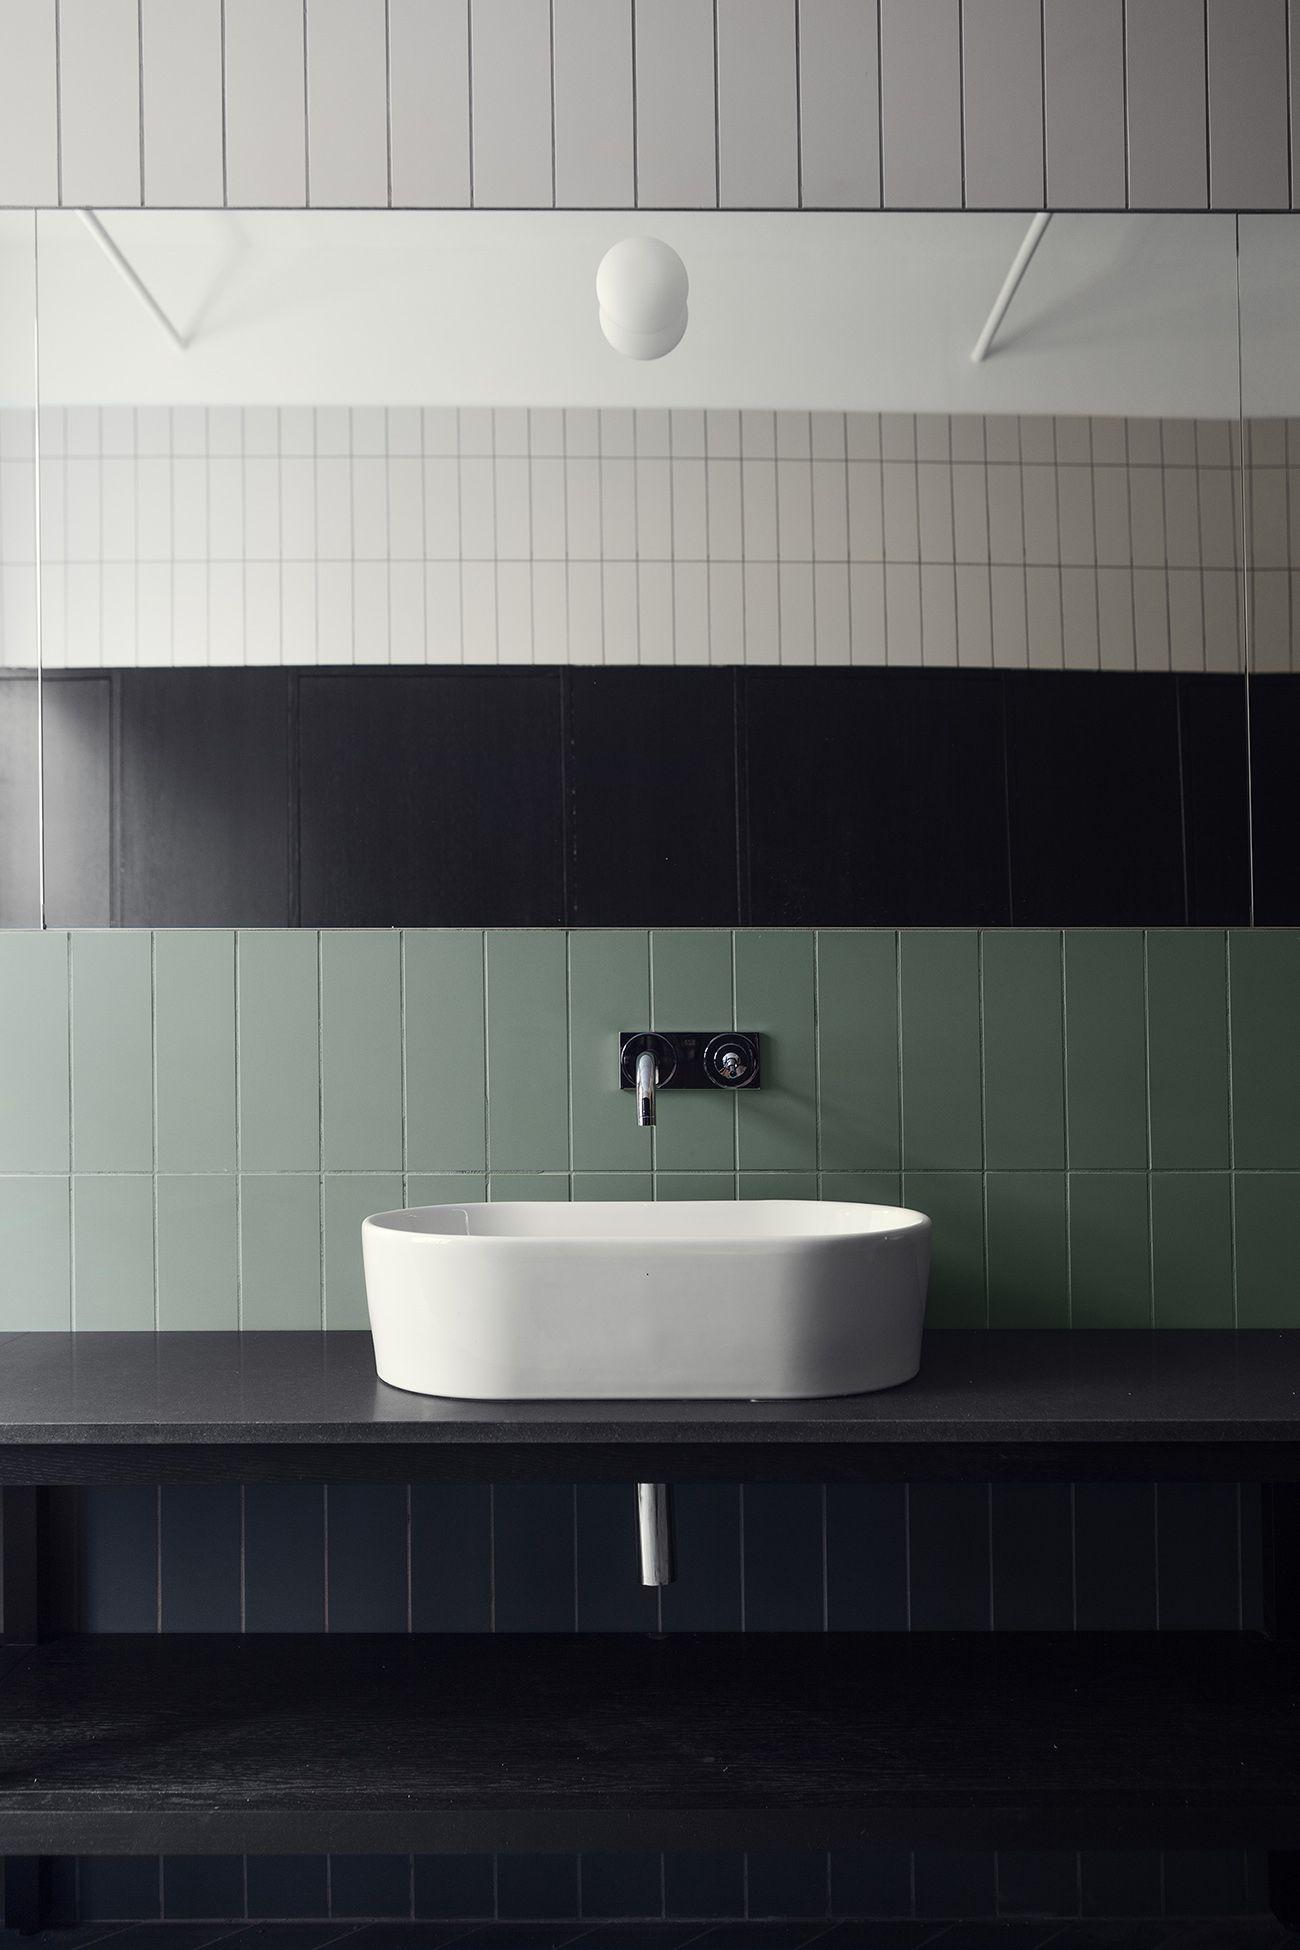 This year 39 s stockholm design week didn 39 t so much define Pattern in interior design definition